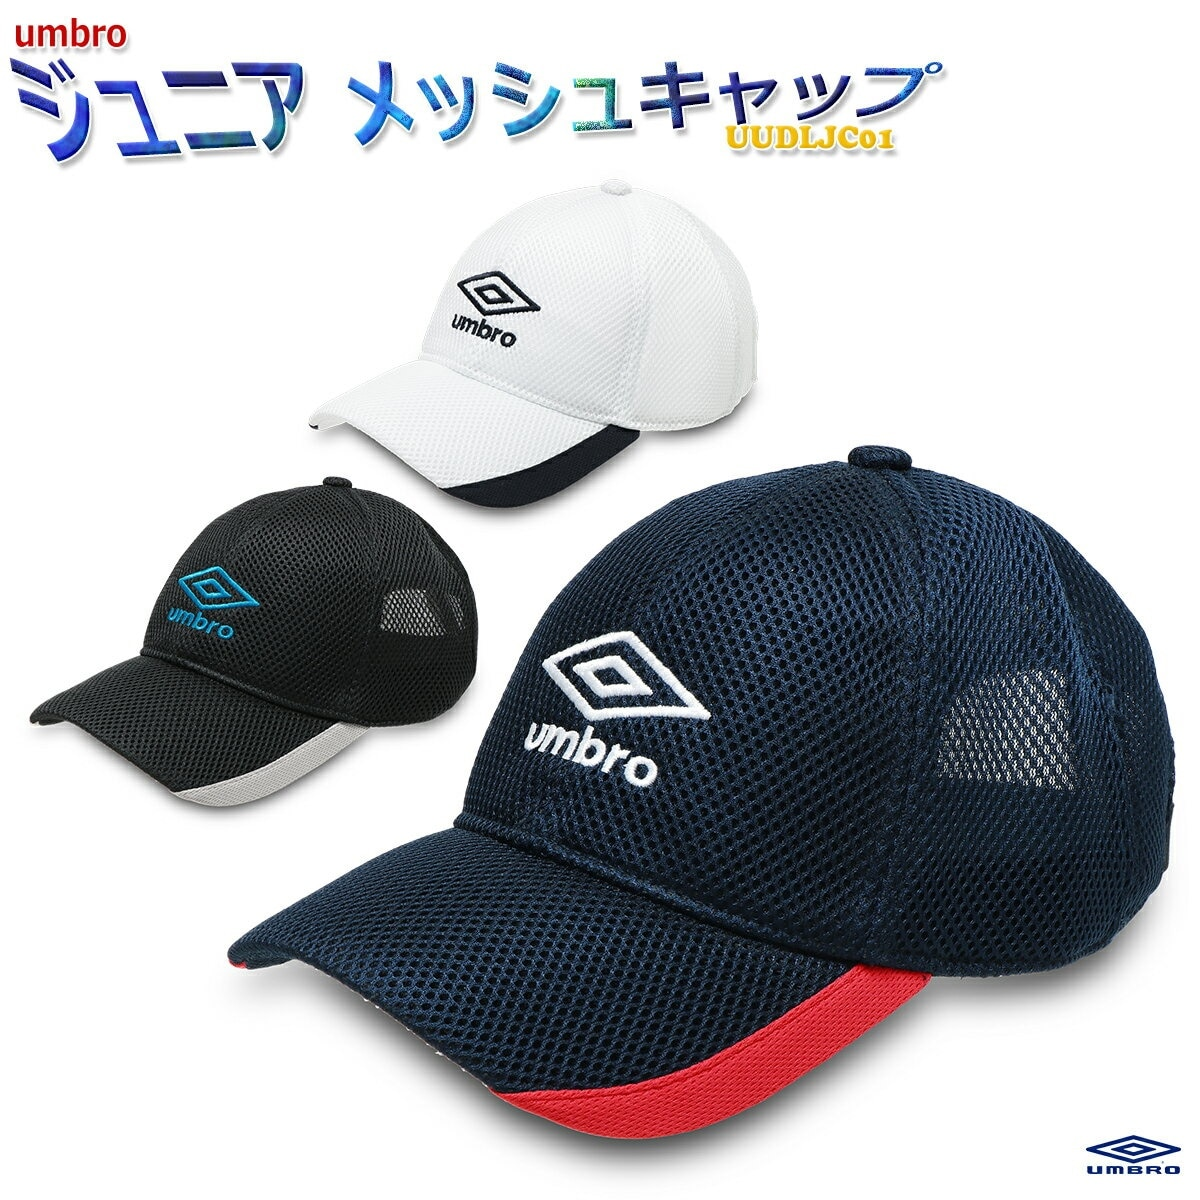 8e5b91153c4f7 キャップ 帽子 キッズ ジュニア 子供用 メッシュ アンブロ/ジュニア メッシュキャップ UUDLJC01の画像